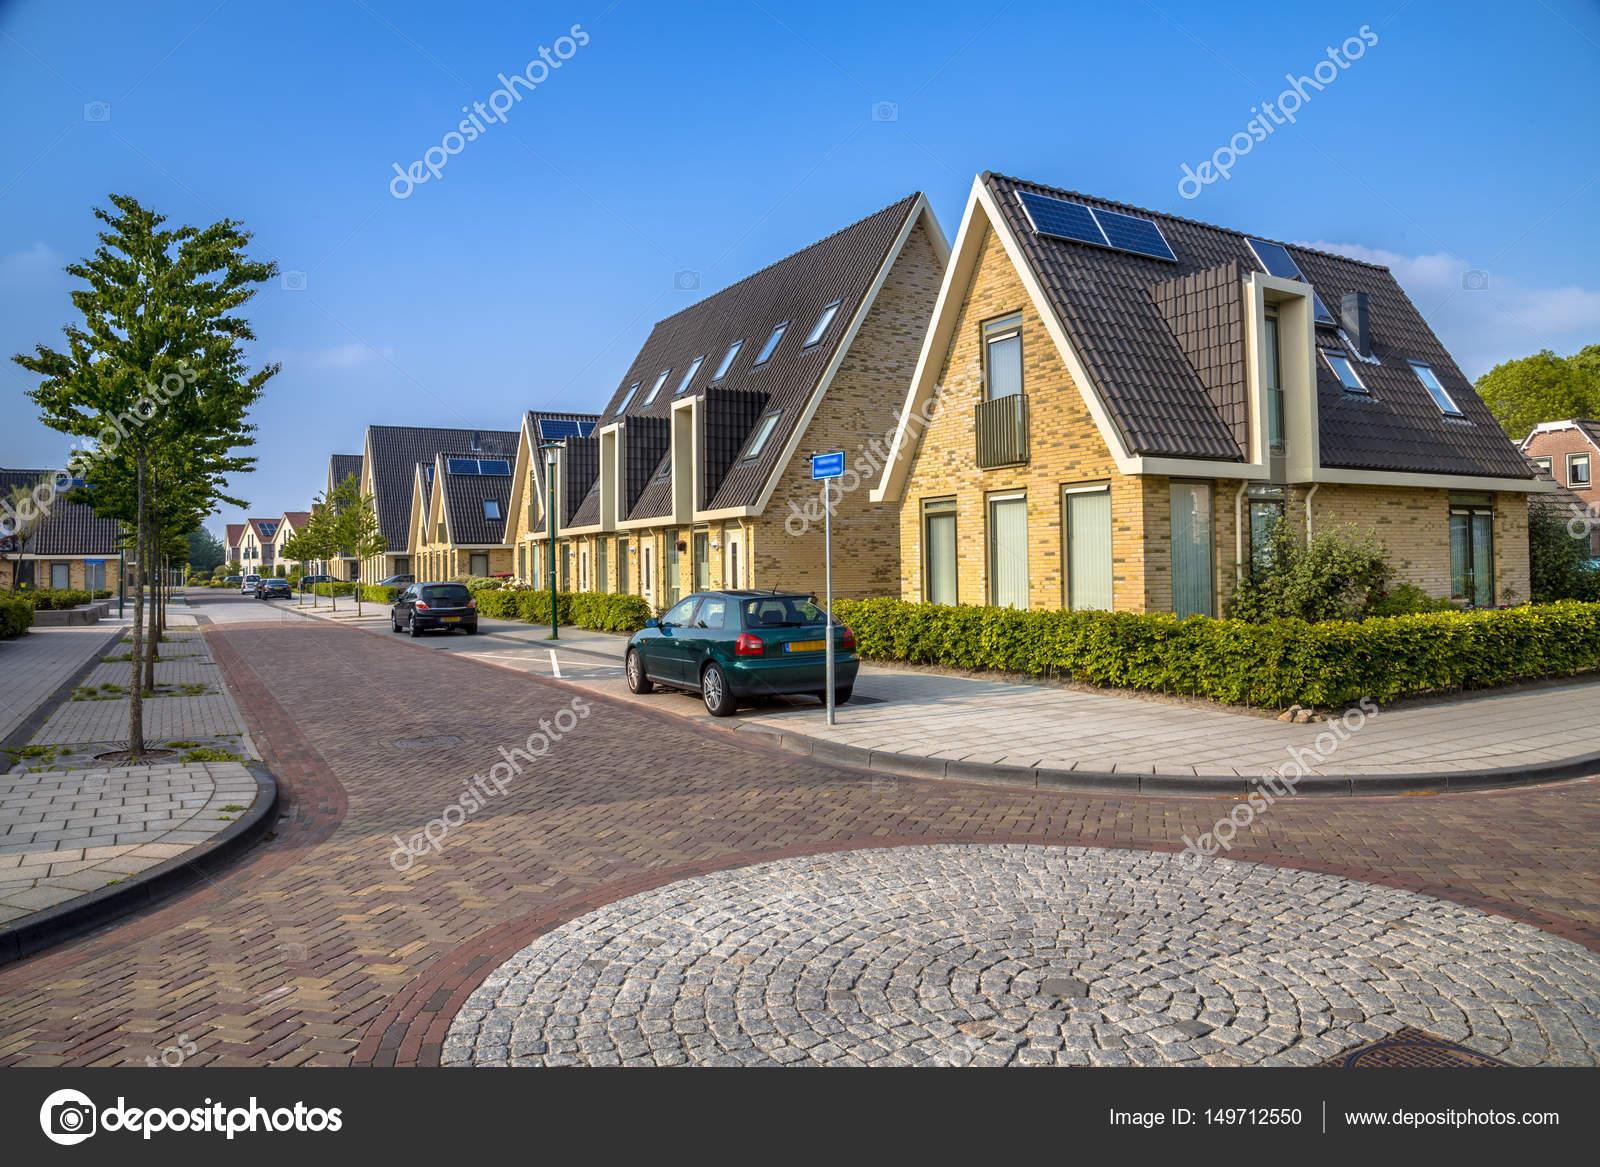 Malerisch Moderne Einfamilienhäuser Beste Wahl Einfamilienhäuser In Wohnstraße — Stockfoto